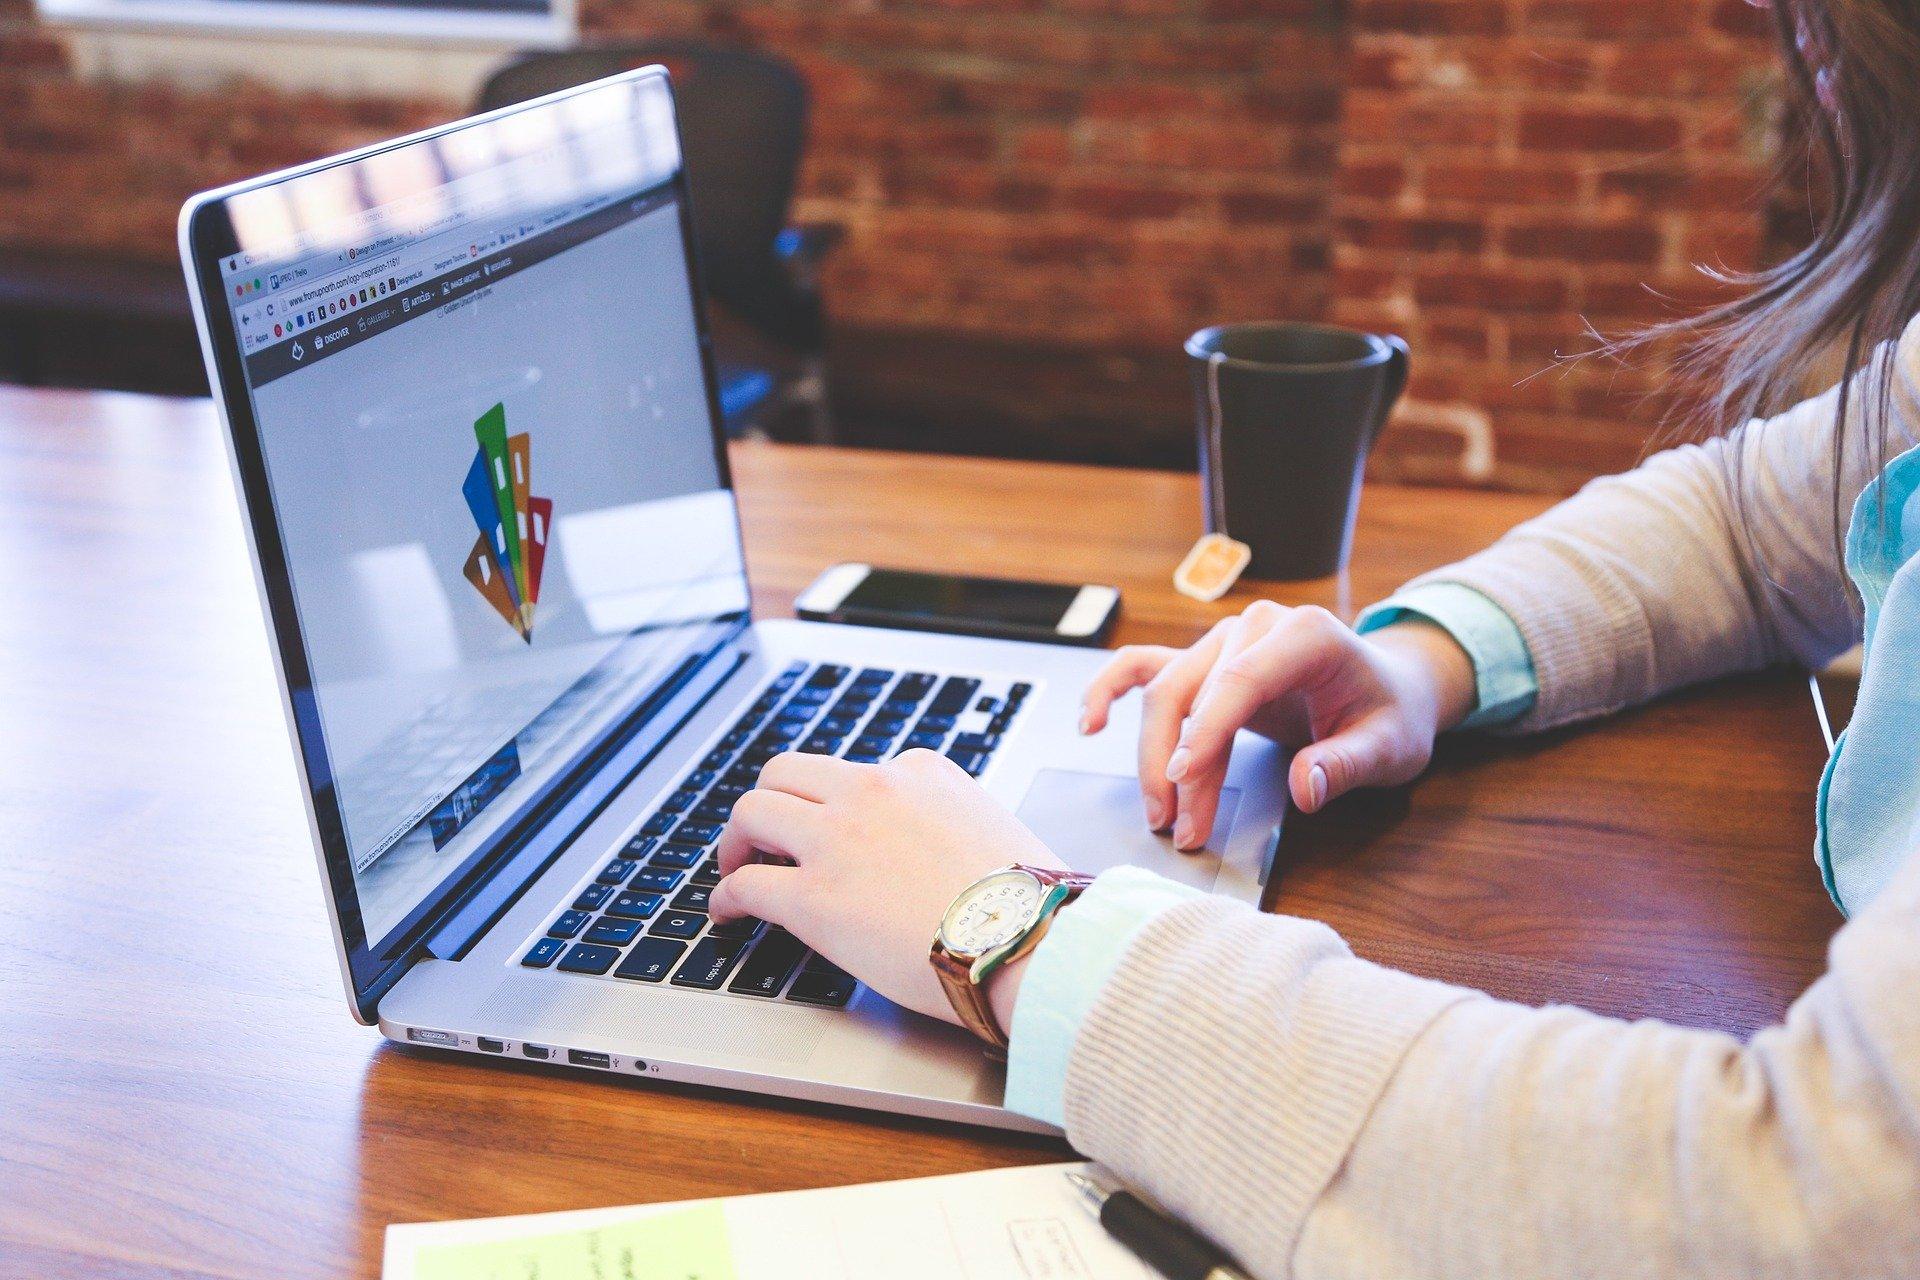 La finalidad del contrato en prácticas es que el trabajador obtenga la práctica profesional adecuada al nivel de estudios cursados